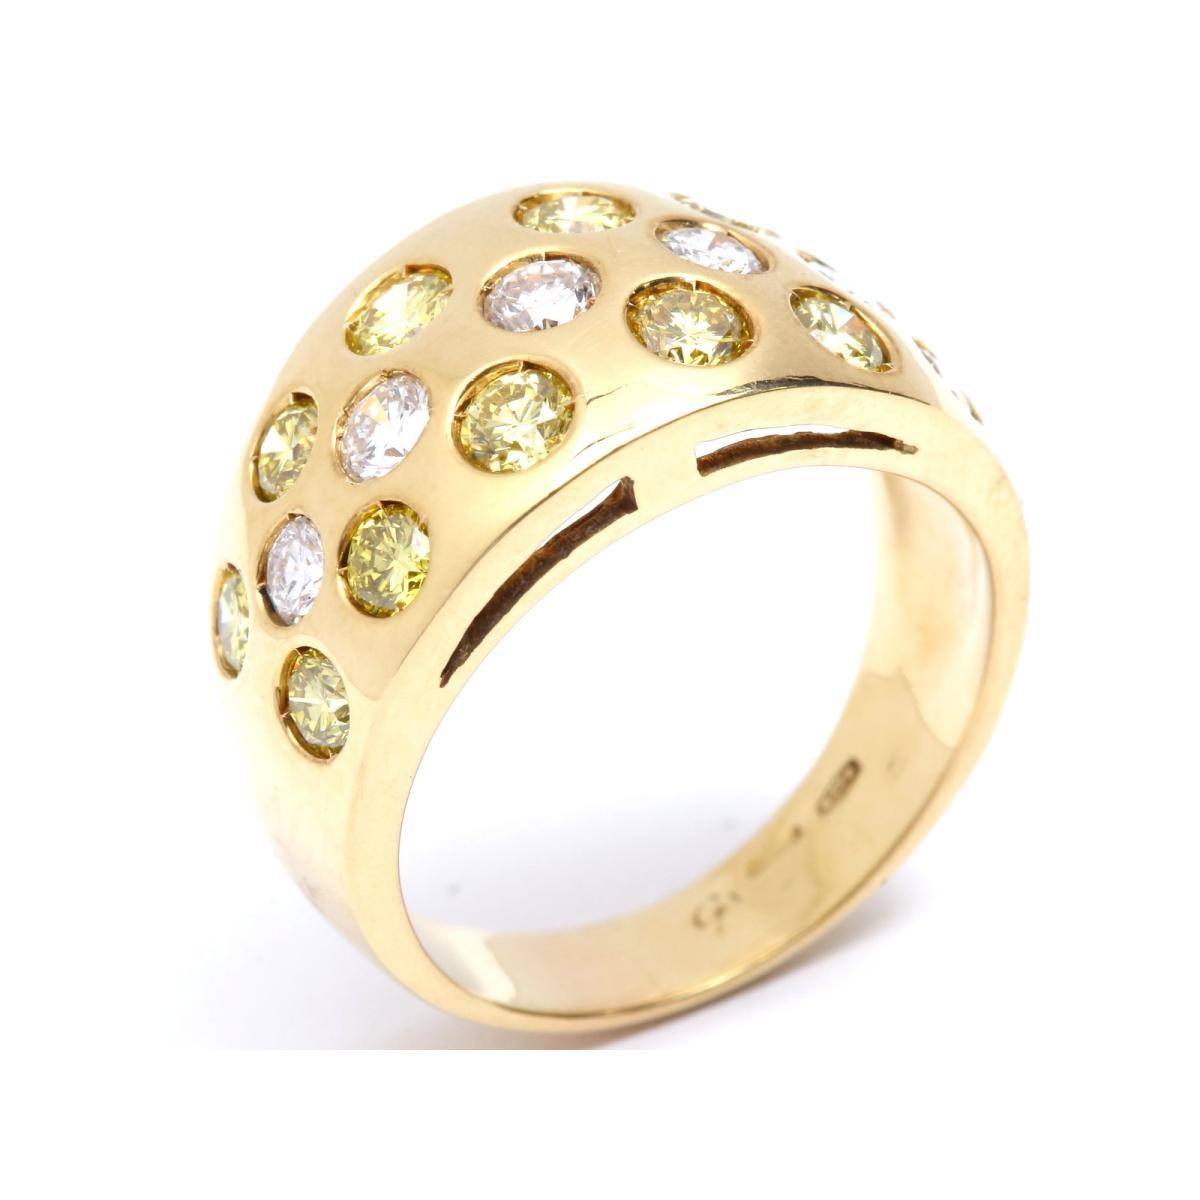 【最大24回無金利】 ジュエリー ダイヤモンド リング レディース K18YG (750) イエローゴールド x (石目無し) 【中古】 | JEWELRY BRANDOFF ブランドオフ アクセサリー 指輪